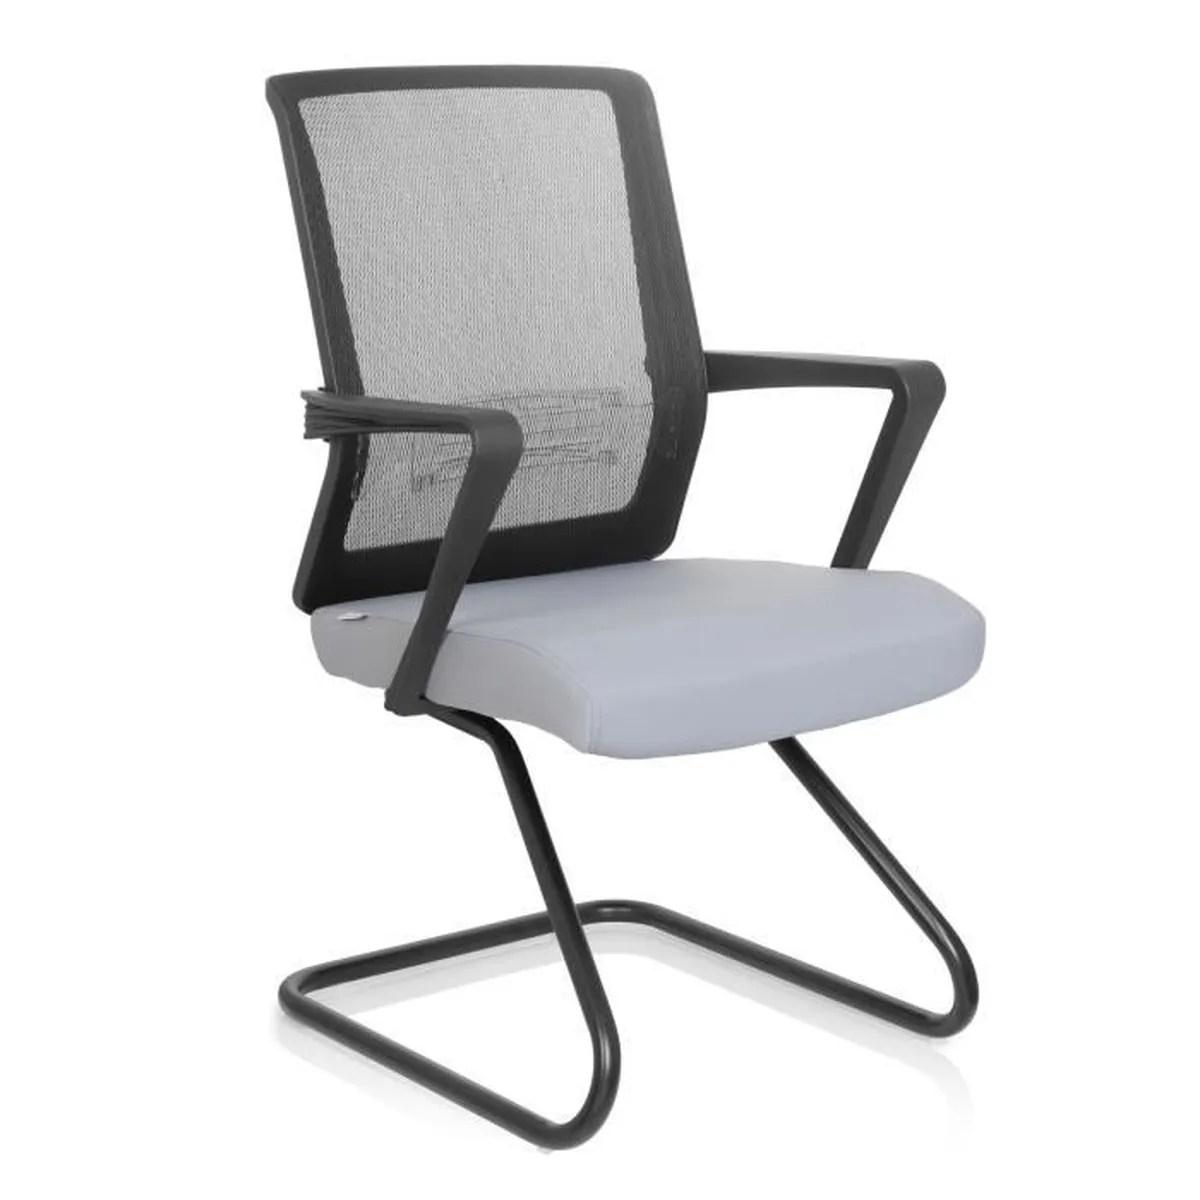 chaise visiteur chaise de conference chaise carlton v tissu noir gris lot de 2 hjh office